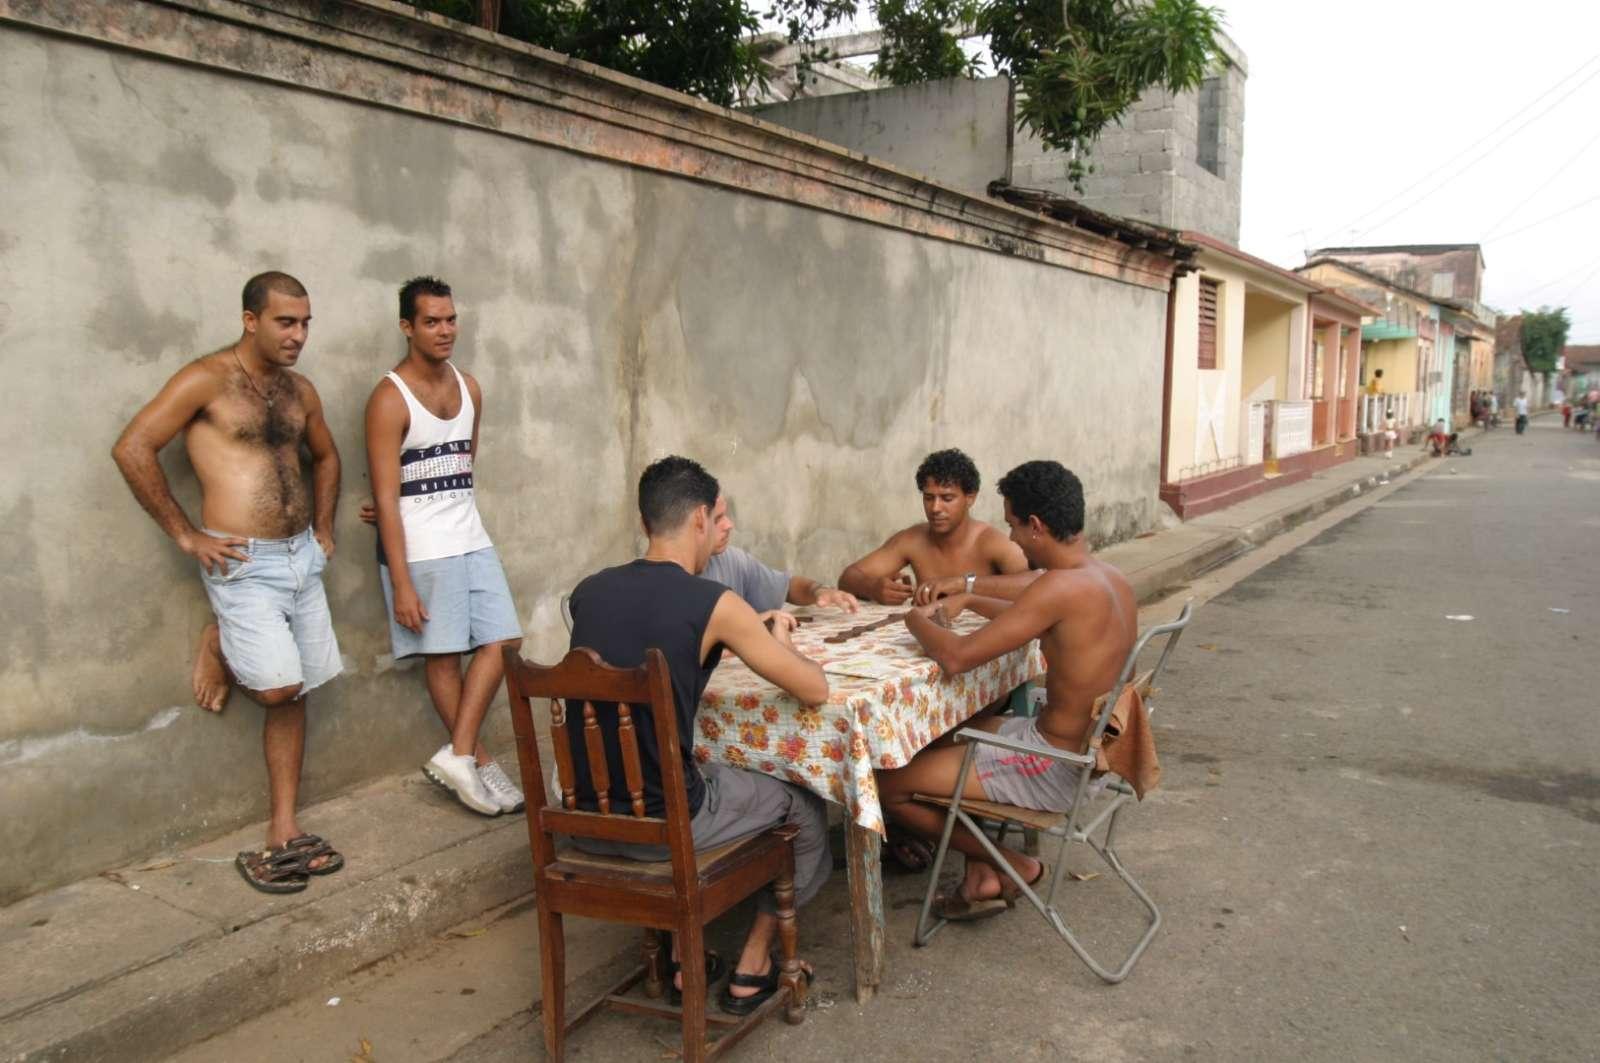 Men playing majong in Baracoa Cuba